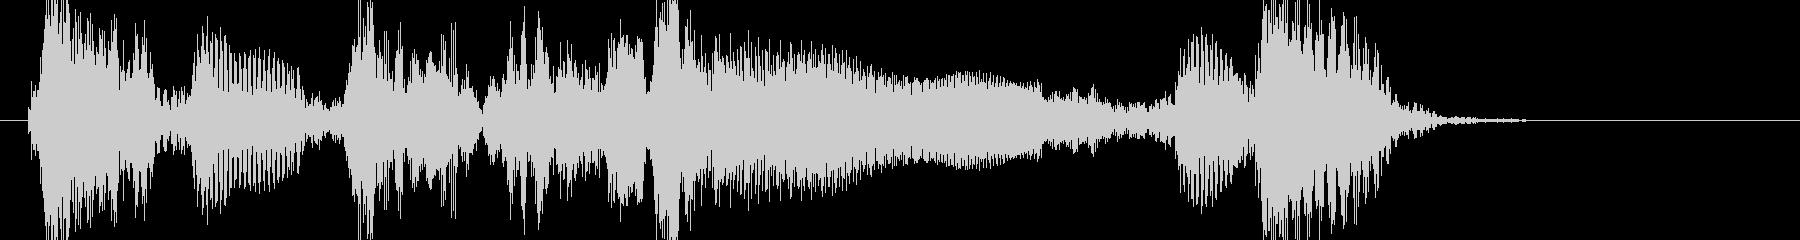 アコギ 生音 ブルースジングルの未再生の波形